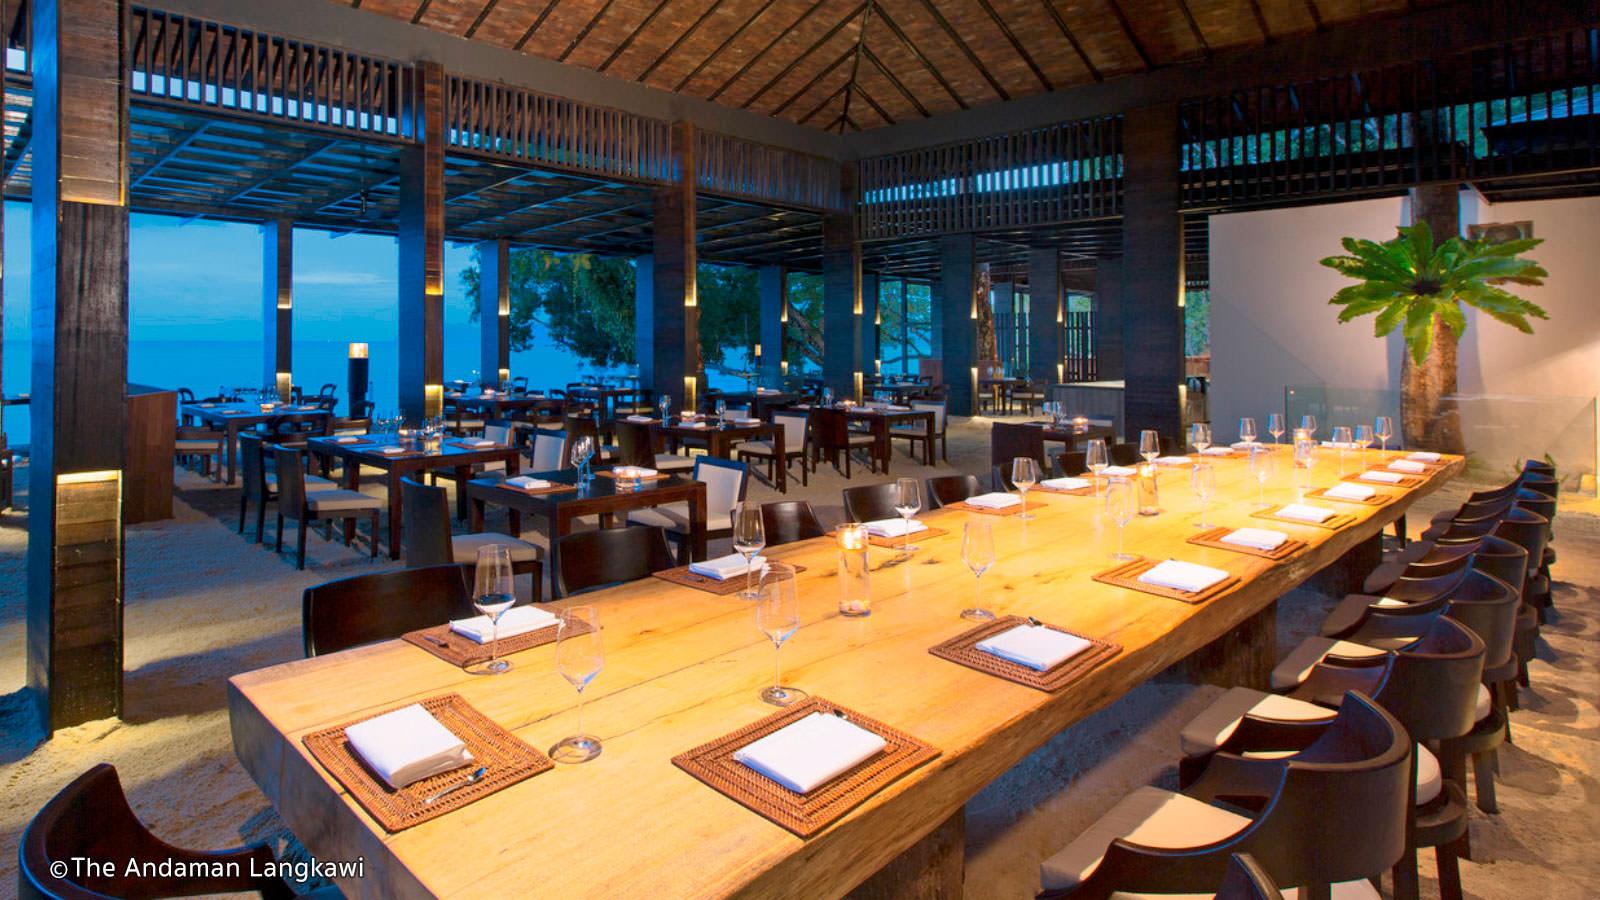 هتل آندامام لاکچری کالکشن ریزورت لنکاوی